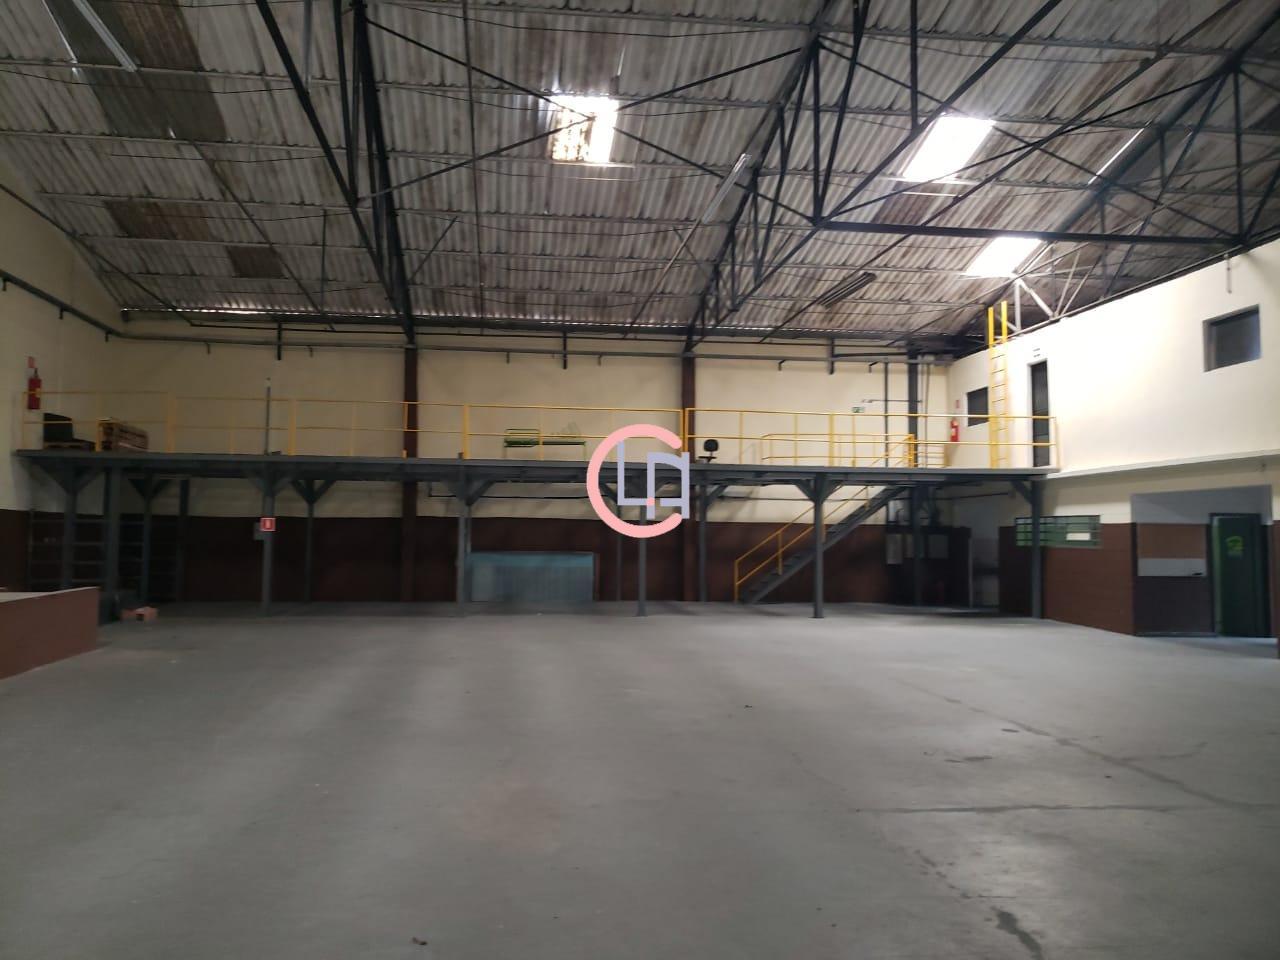 Galpão para aluguel, 15 vagas, Planalto - São Bernardo do Campo/SP